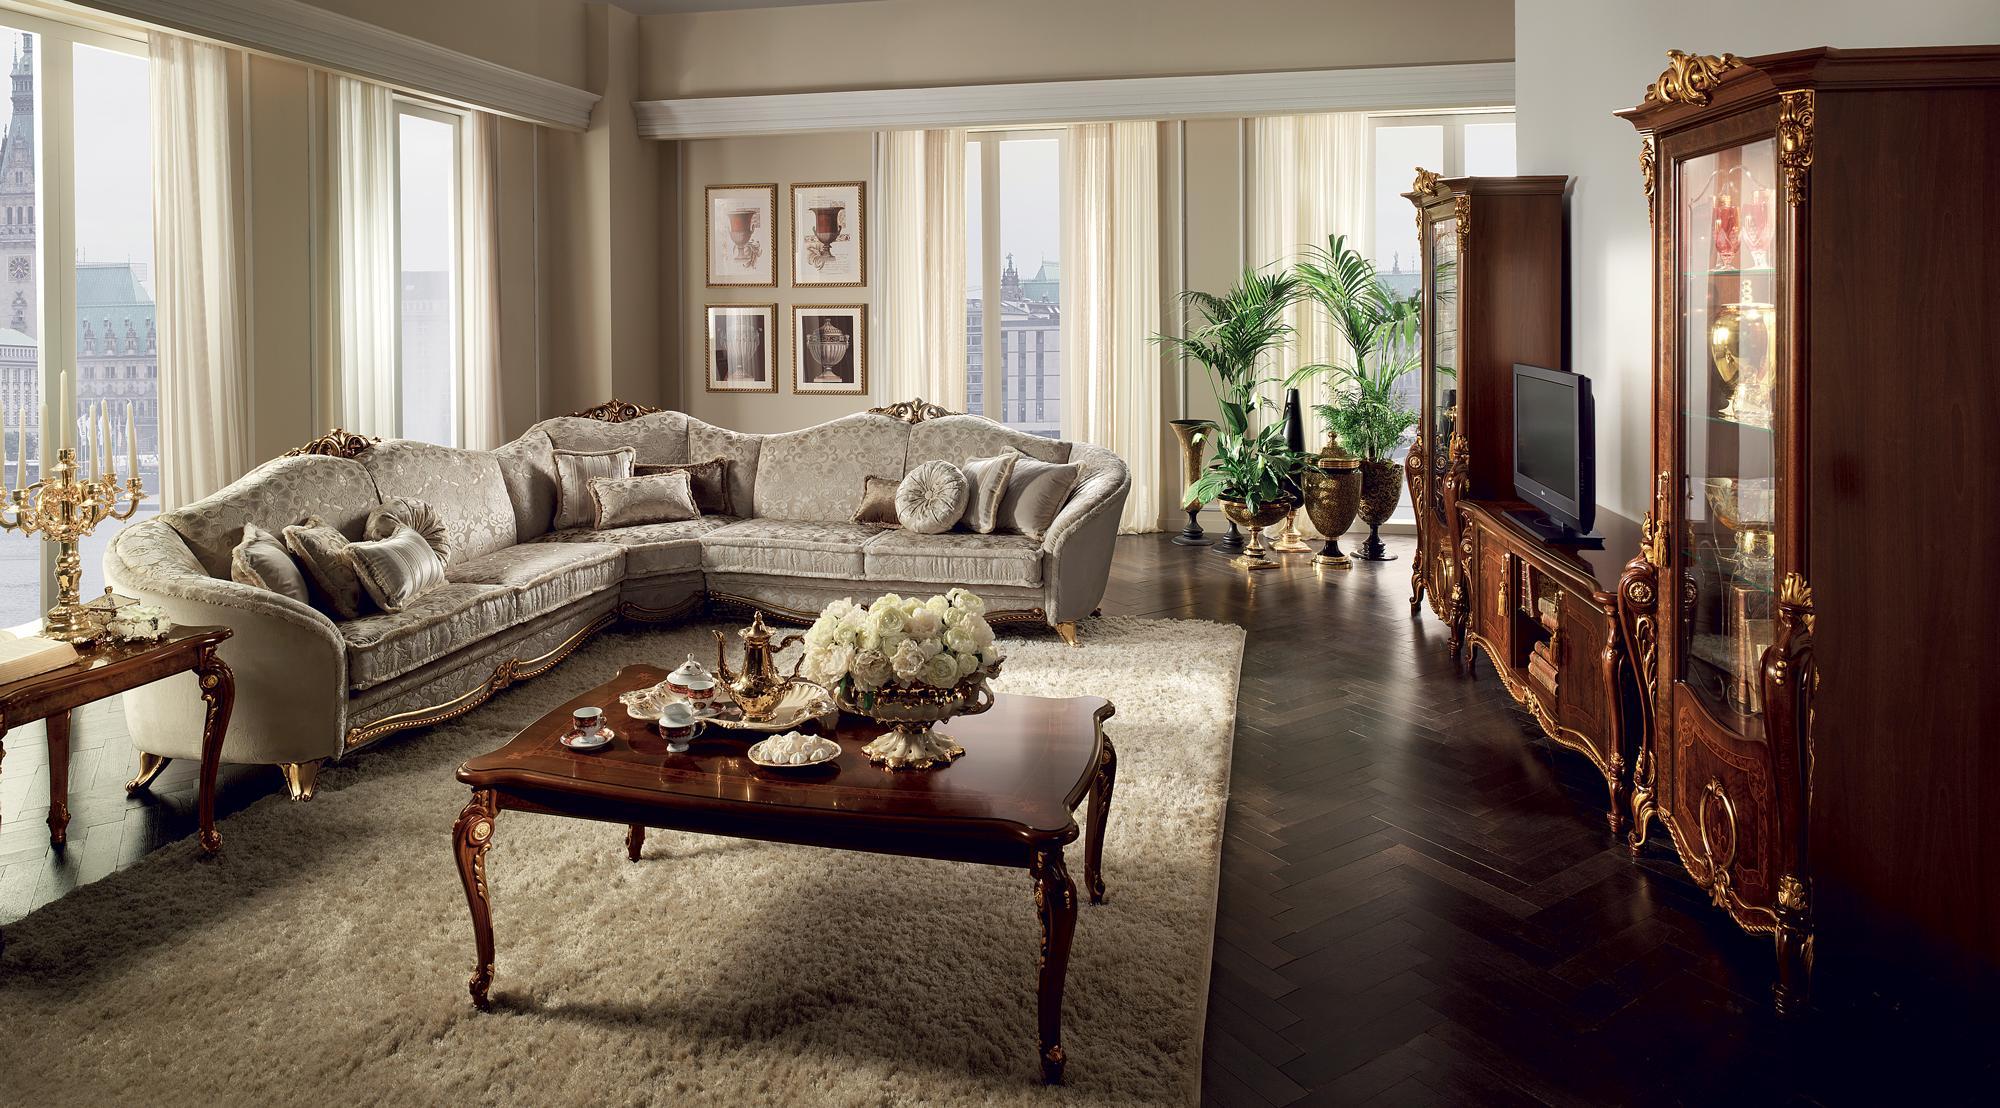 Couchtisch Edler Design Wohnzimmer Sofa Couch Tische Jugendstil